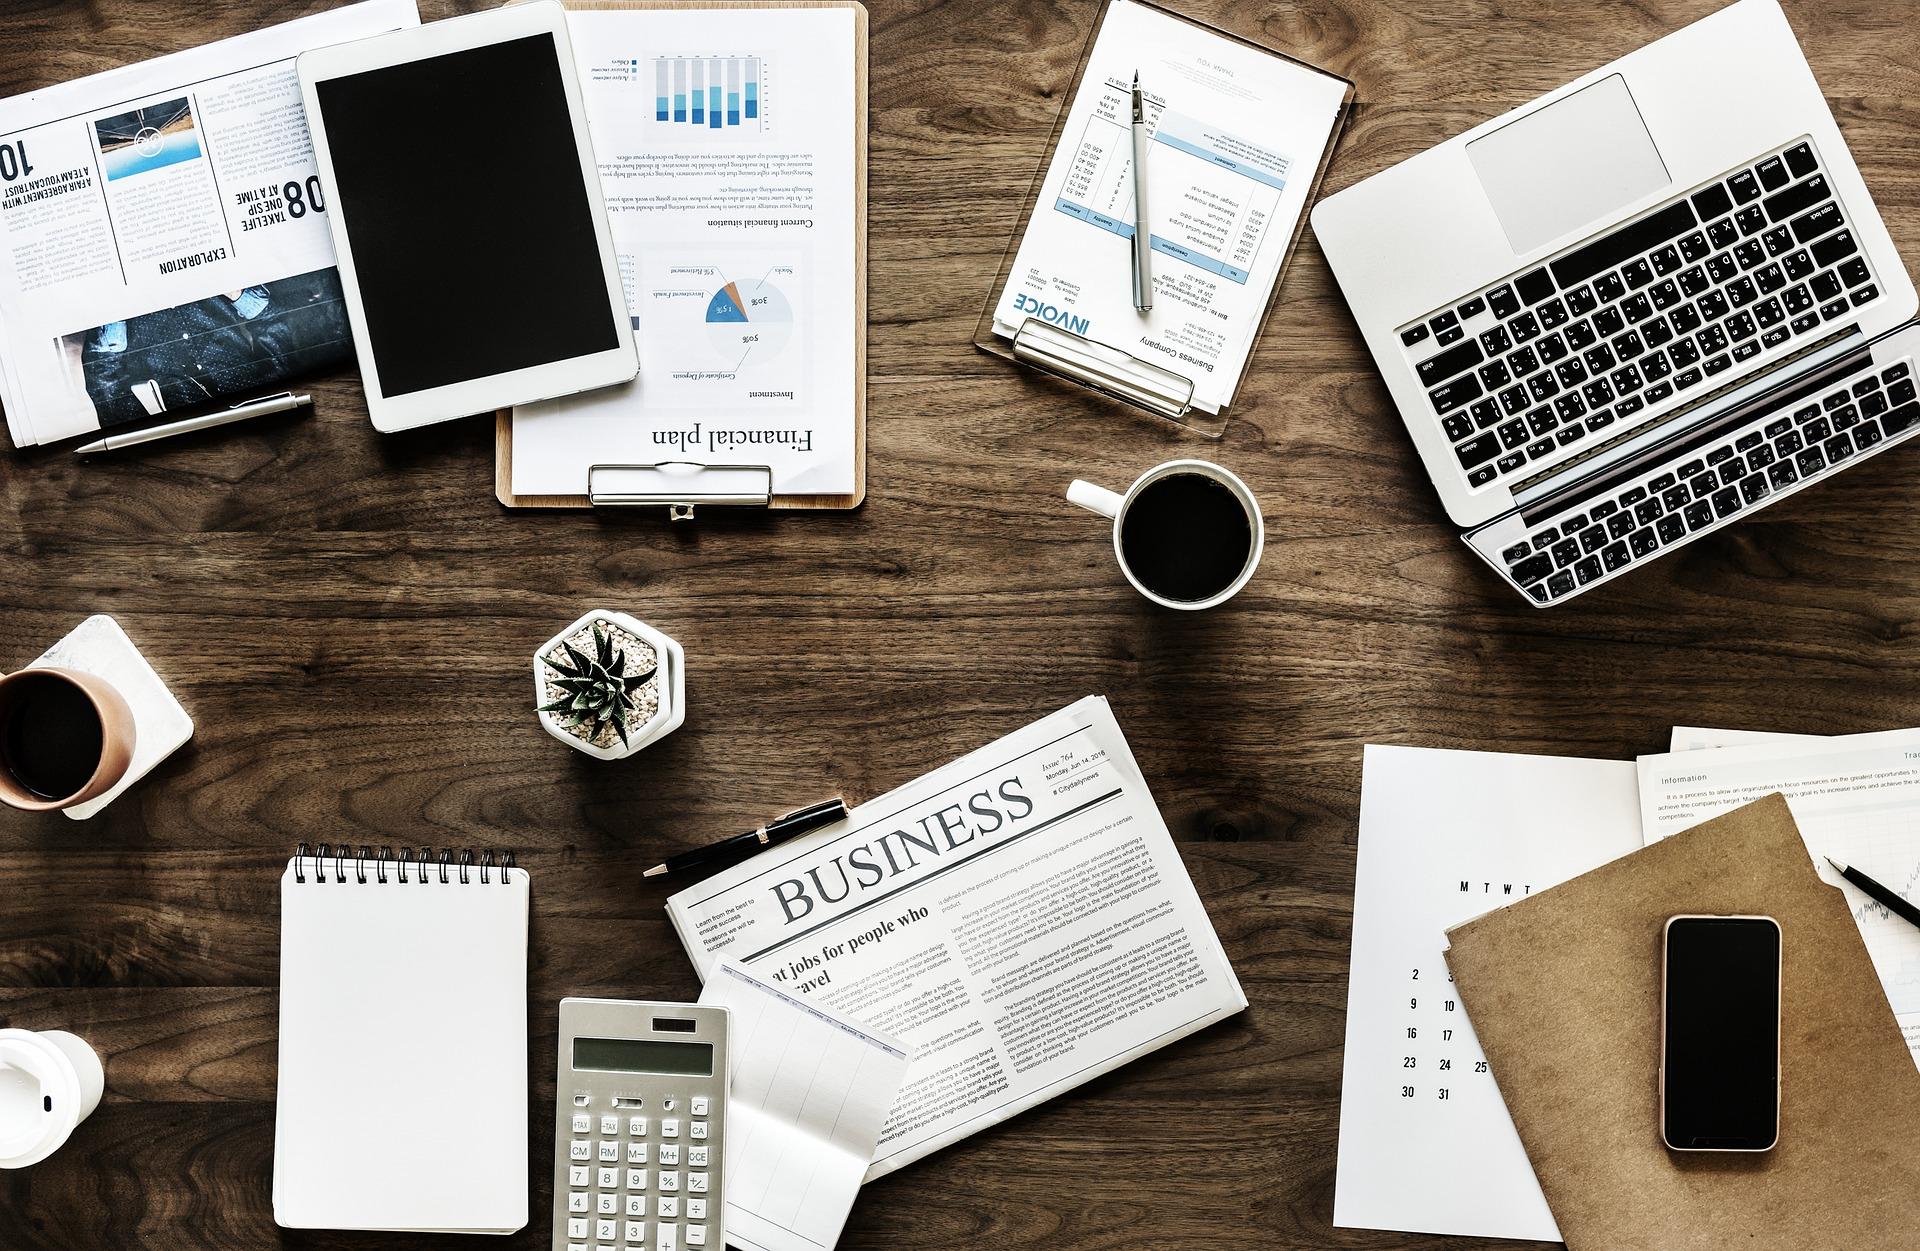 Big data e startup